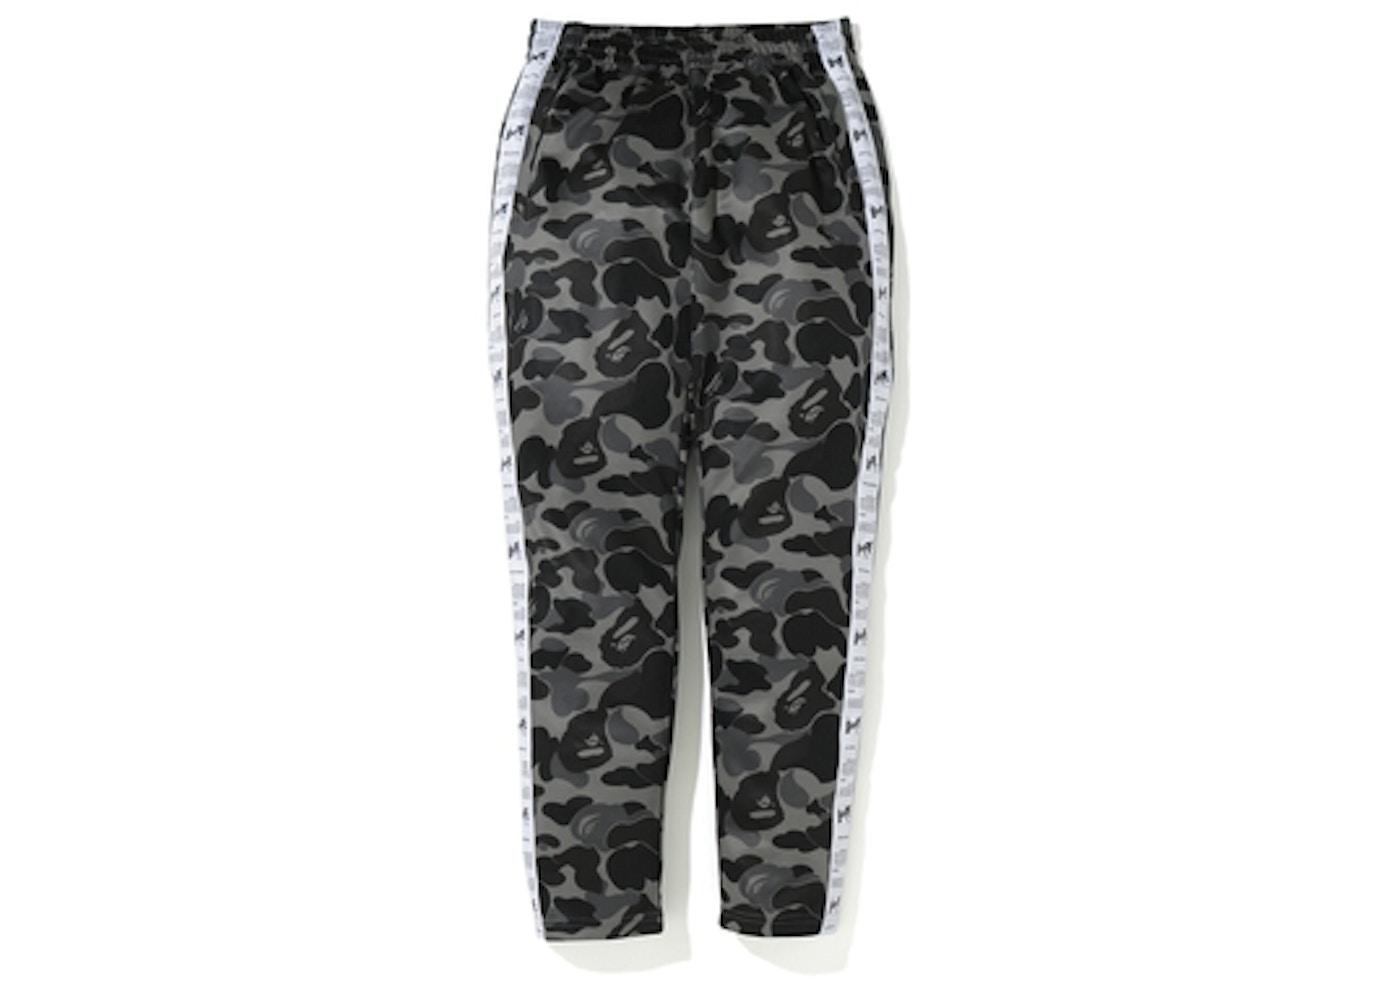 54f4e007 BAPE ABC Bapesta Tape Jersey Pants Black - FW19